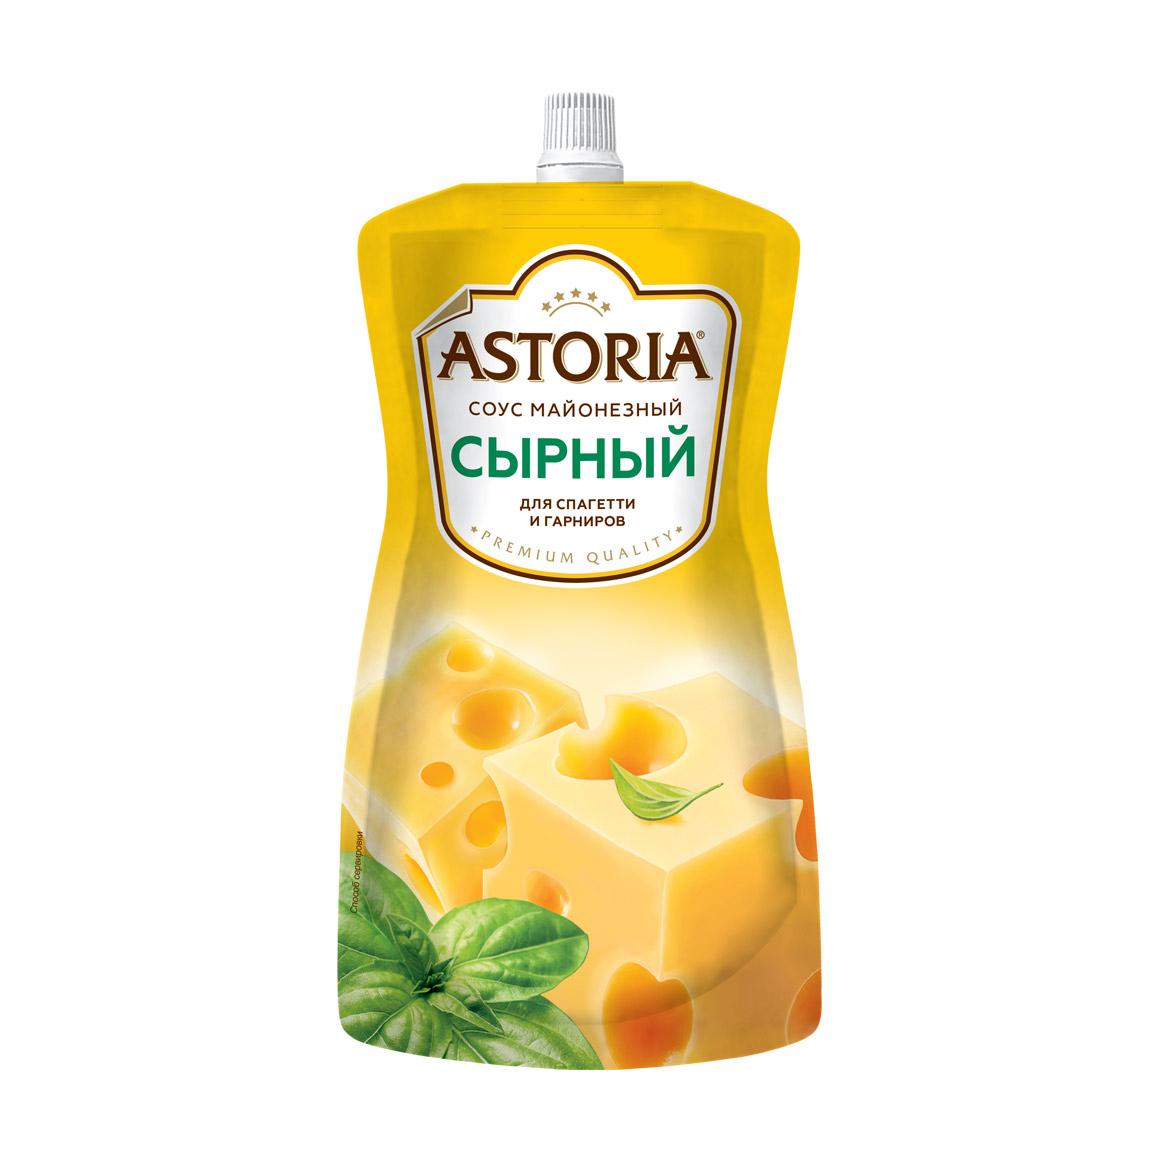 Фото - Соус Astoria Сырный 42% 233 мл соус майонезный astoria цезарь сырный 42% 200 г